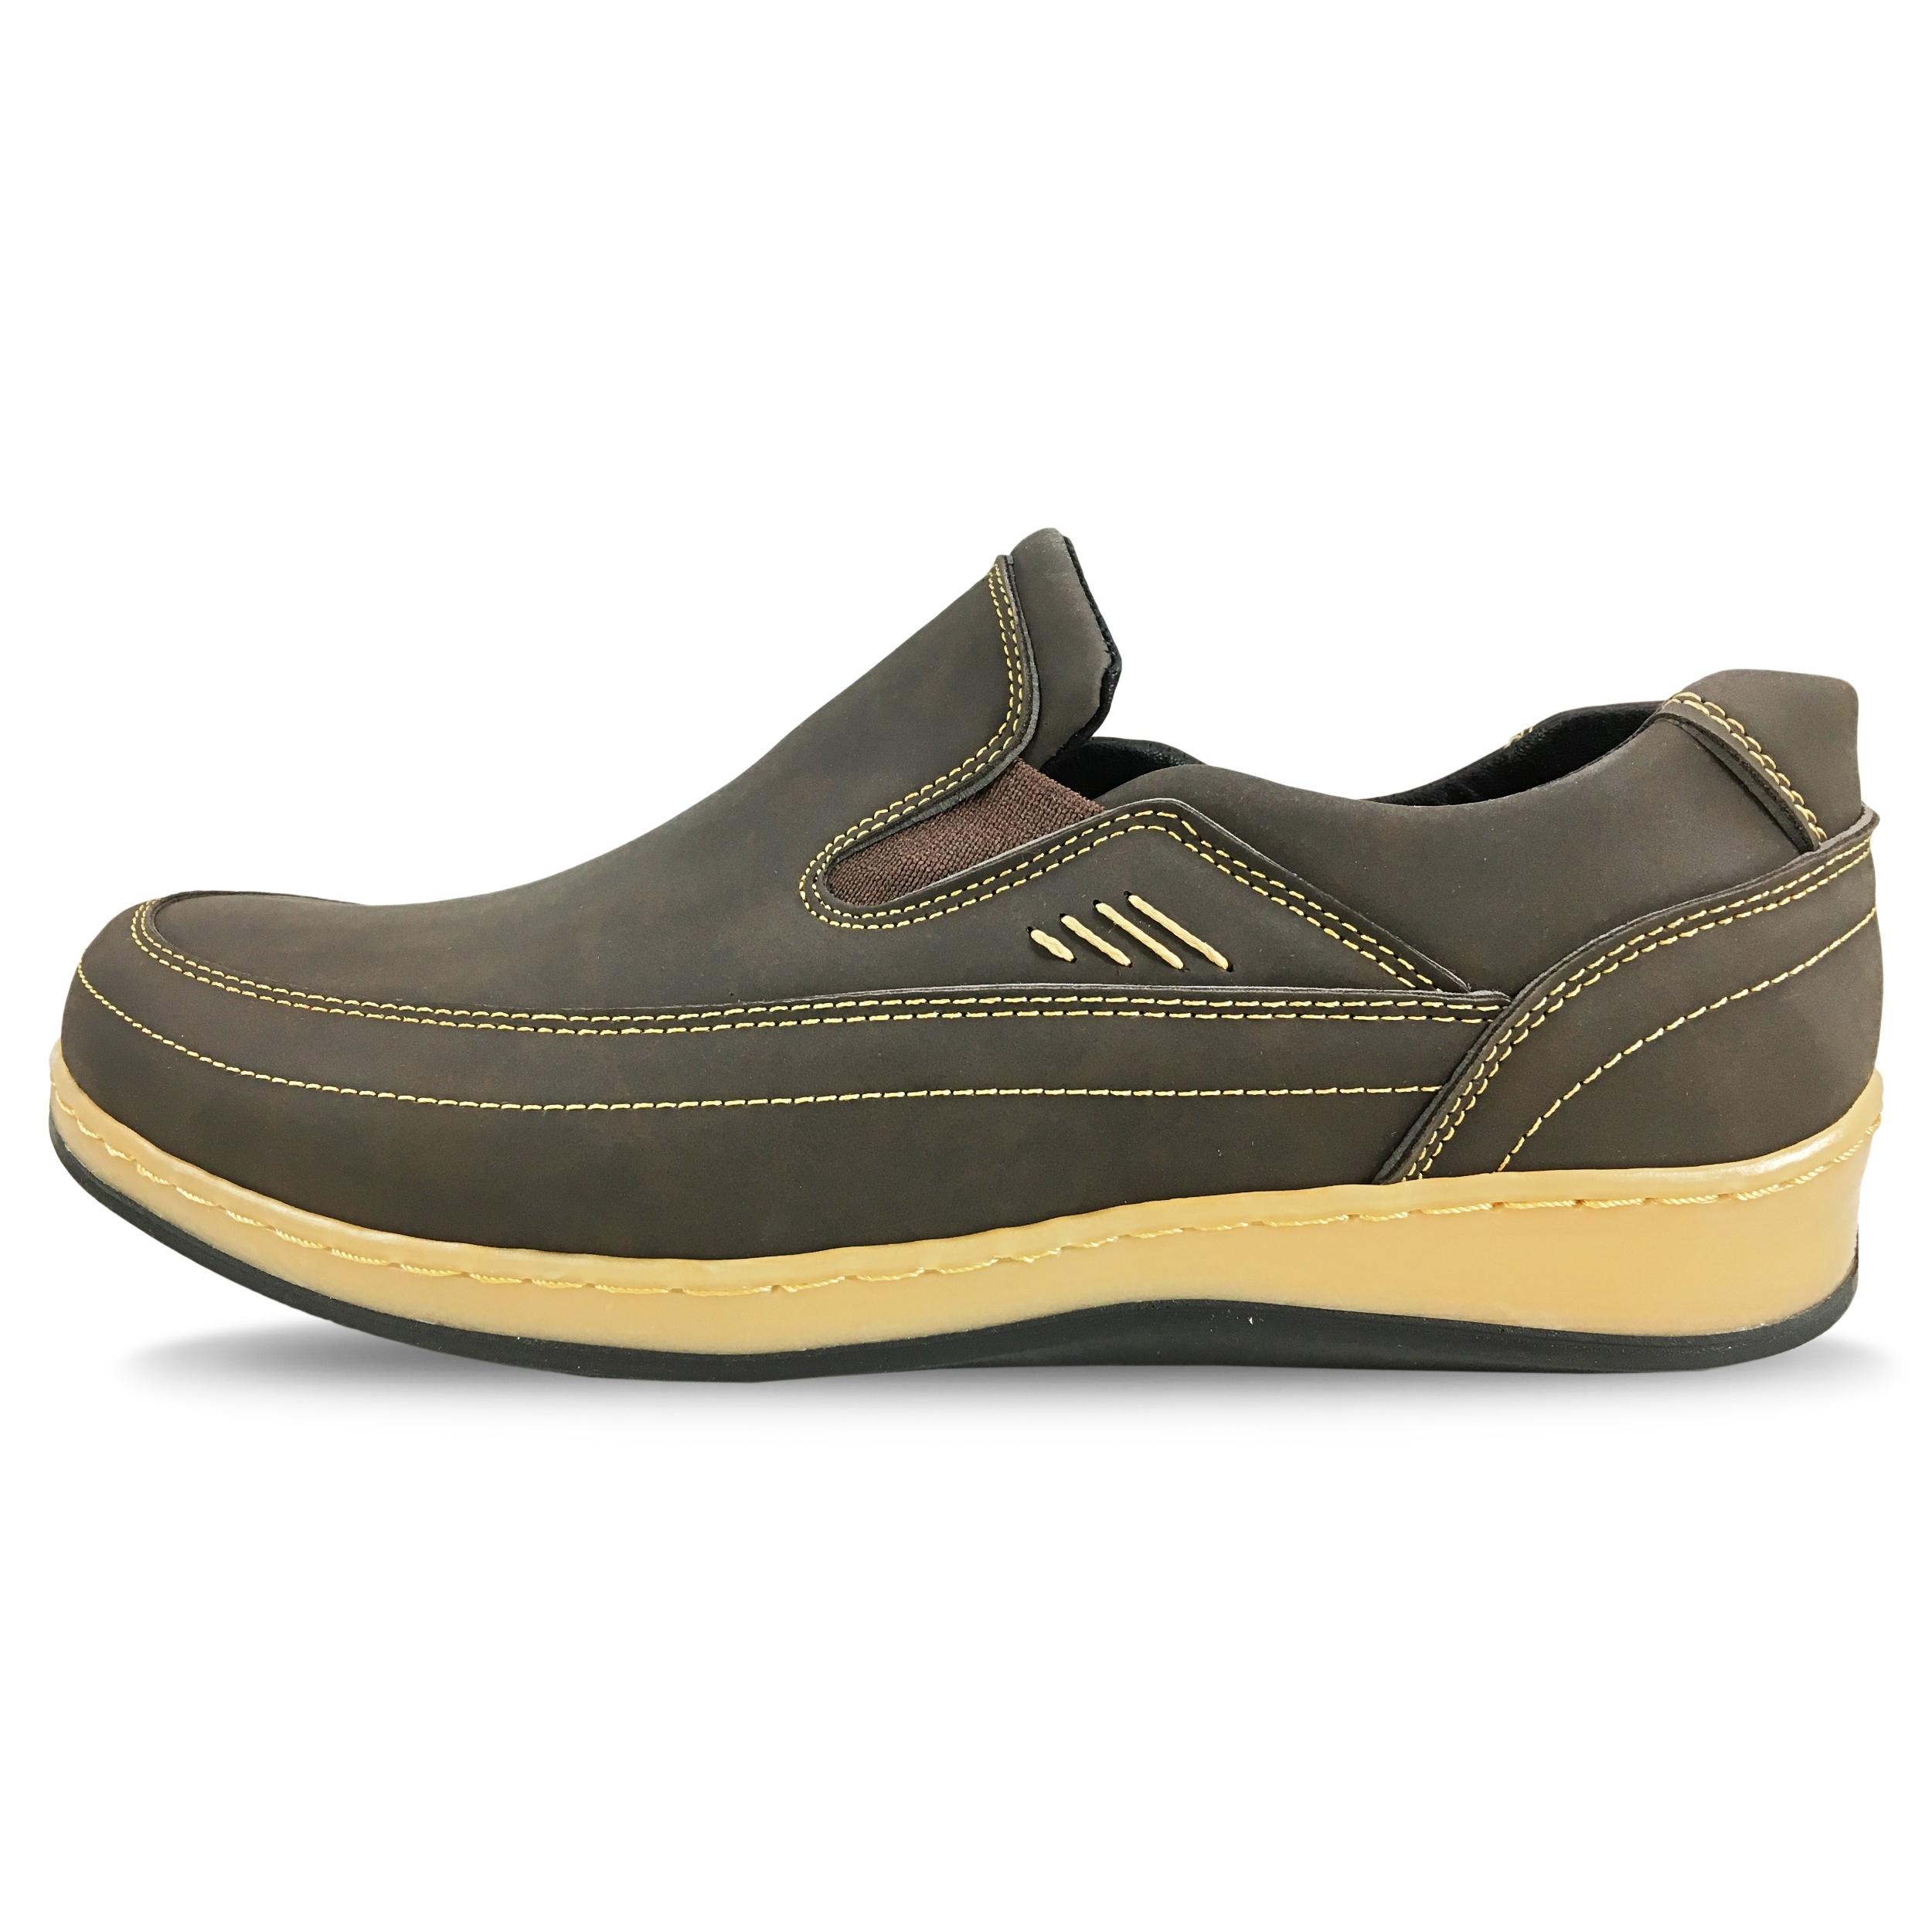 قیمت خرید کفش مردانه مدل گلپا کد B5126 اورجینال